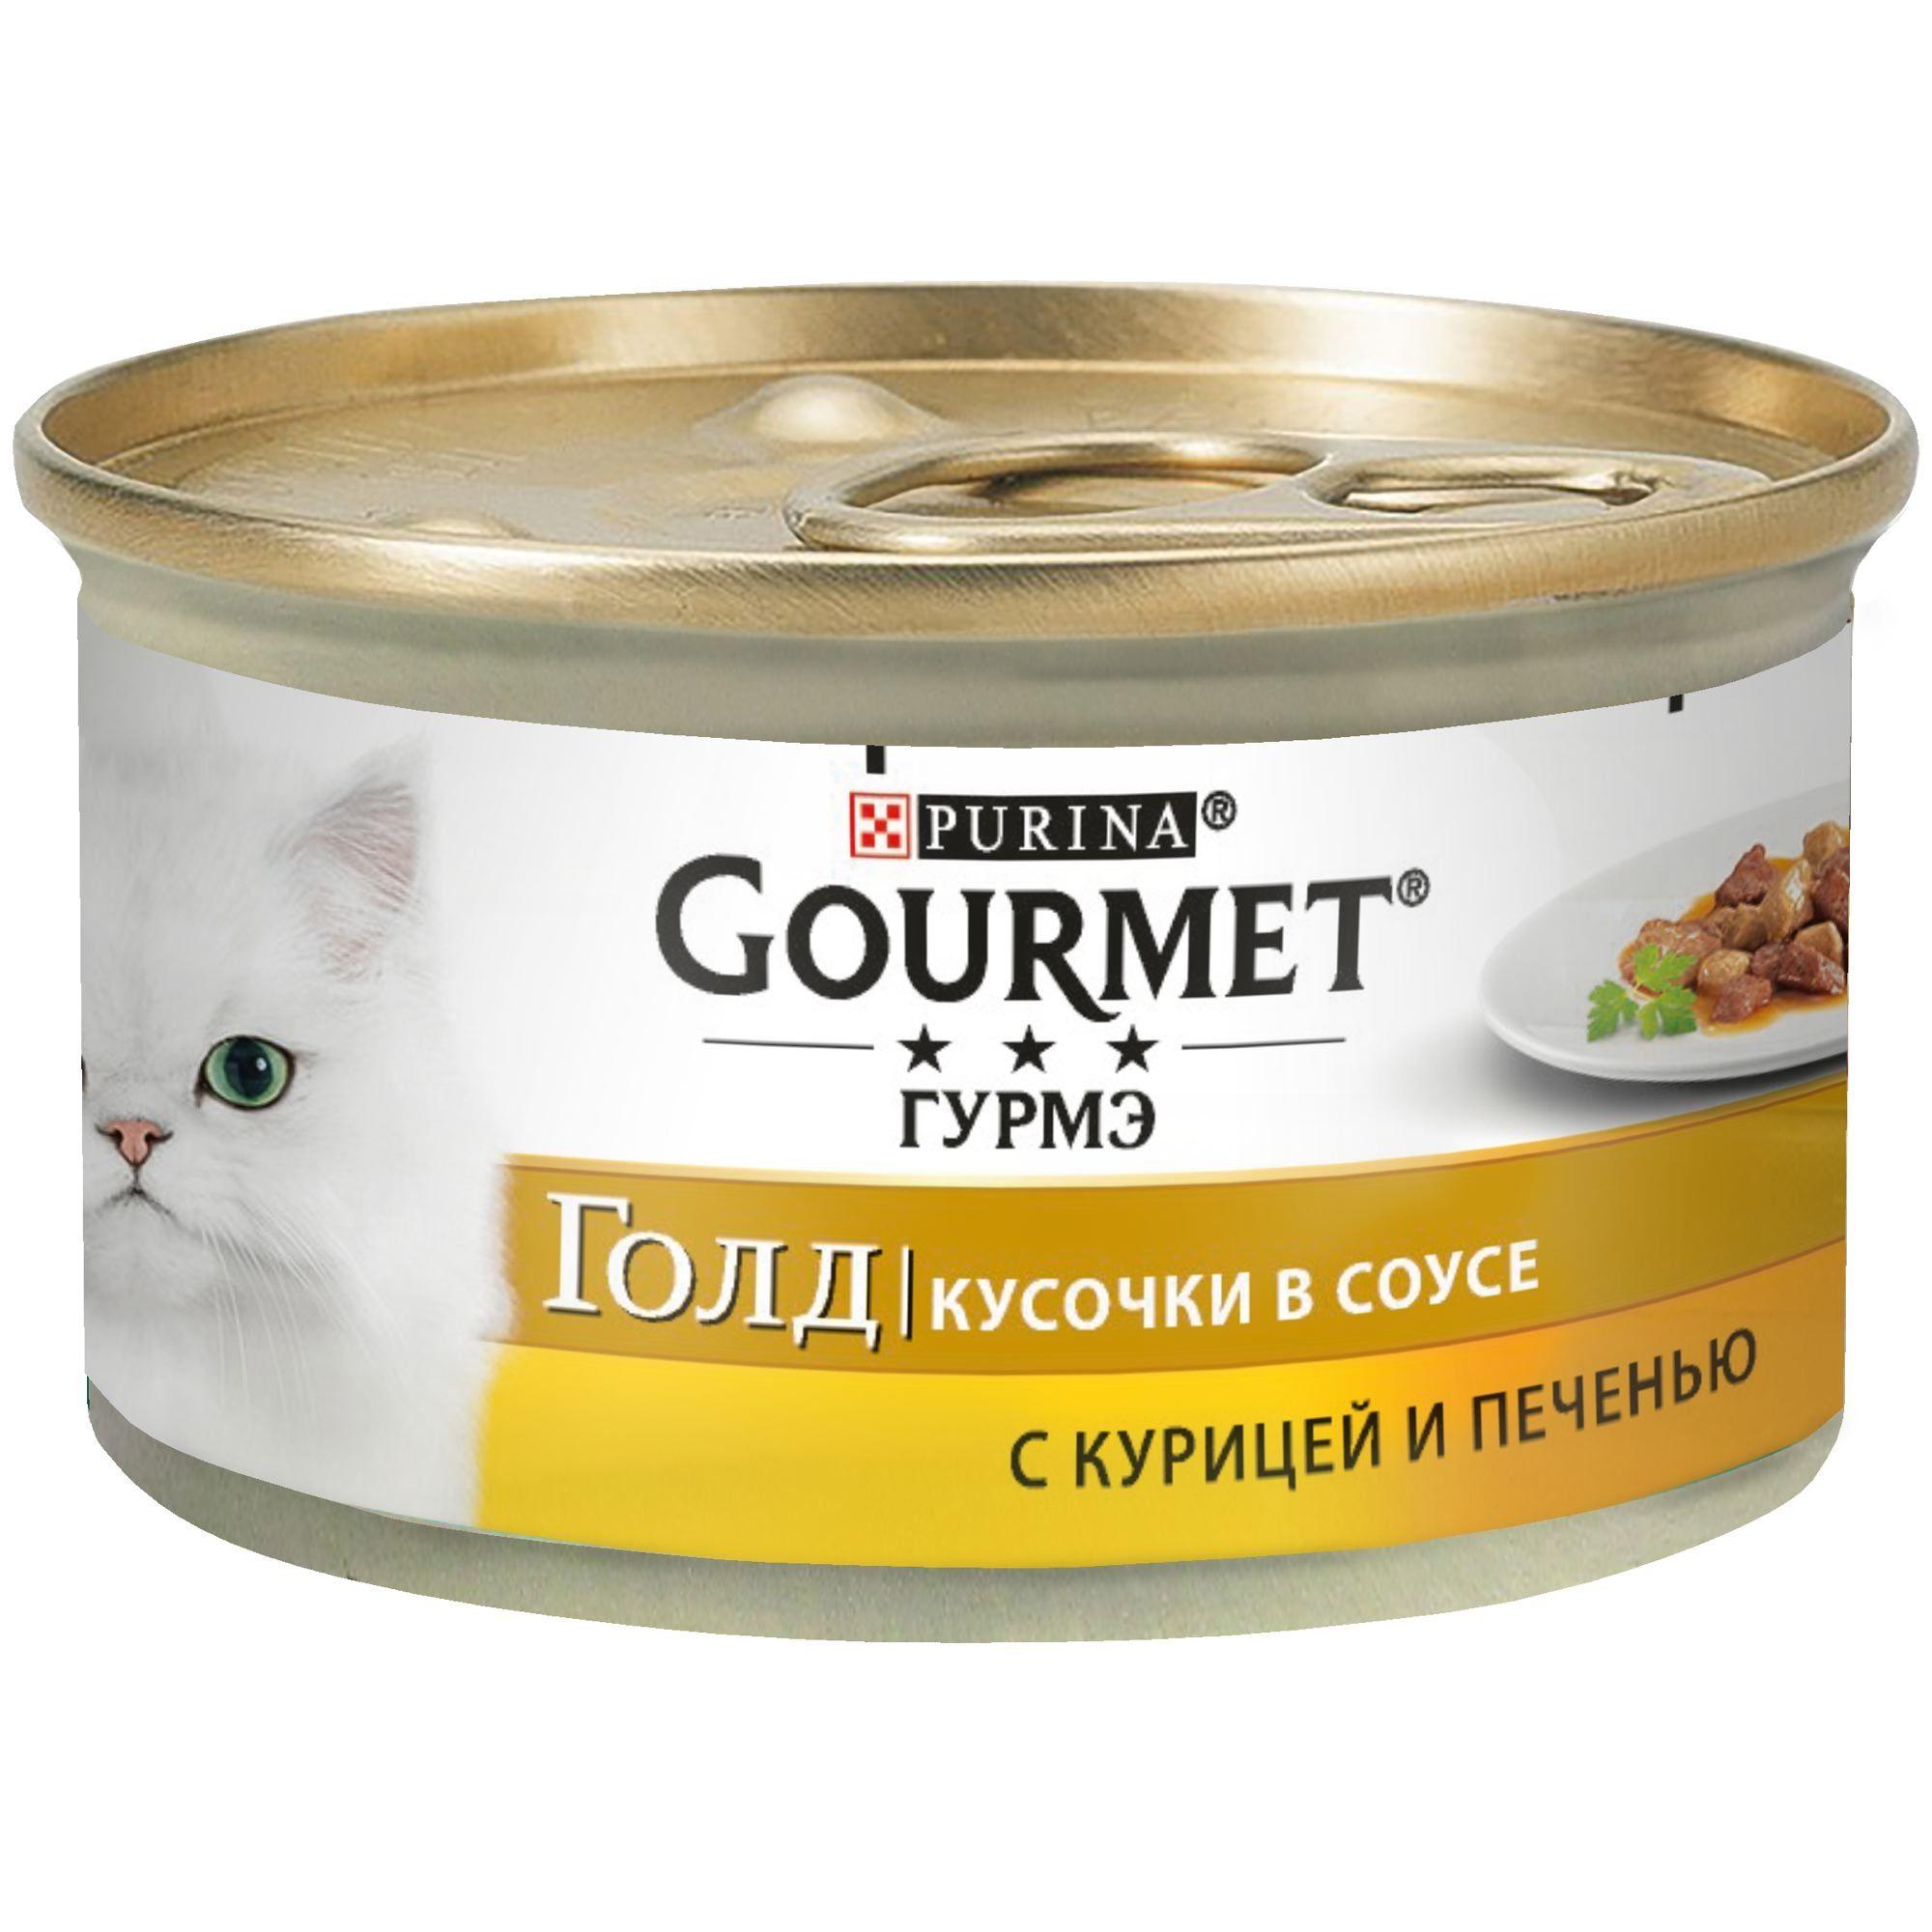 Влажный корм Gourmet Голд Кусочки в соусе для кошек, с курицей и печенью в соусе, 0.085кг